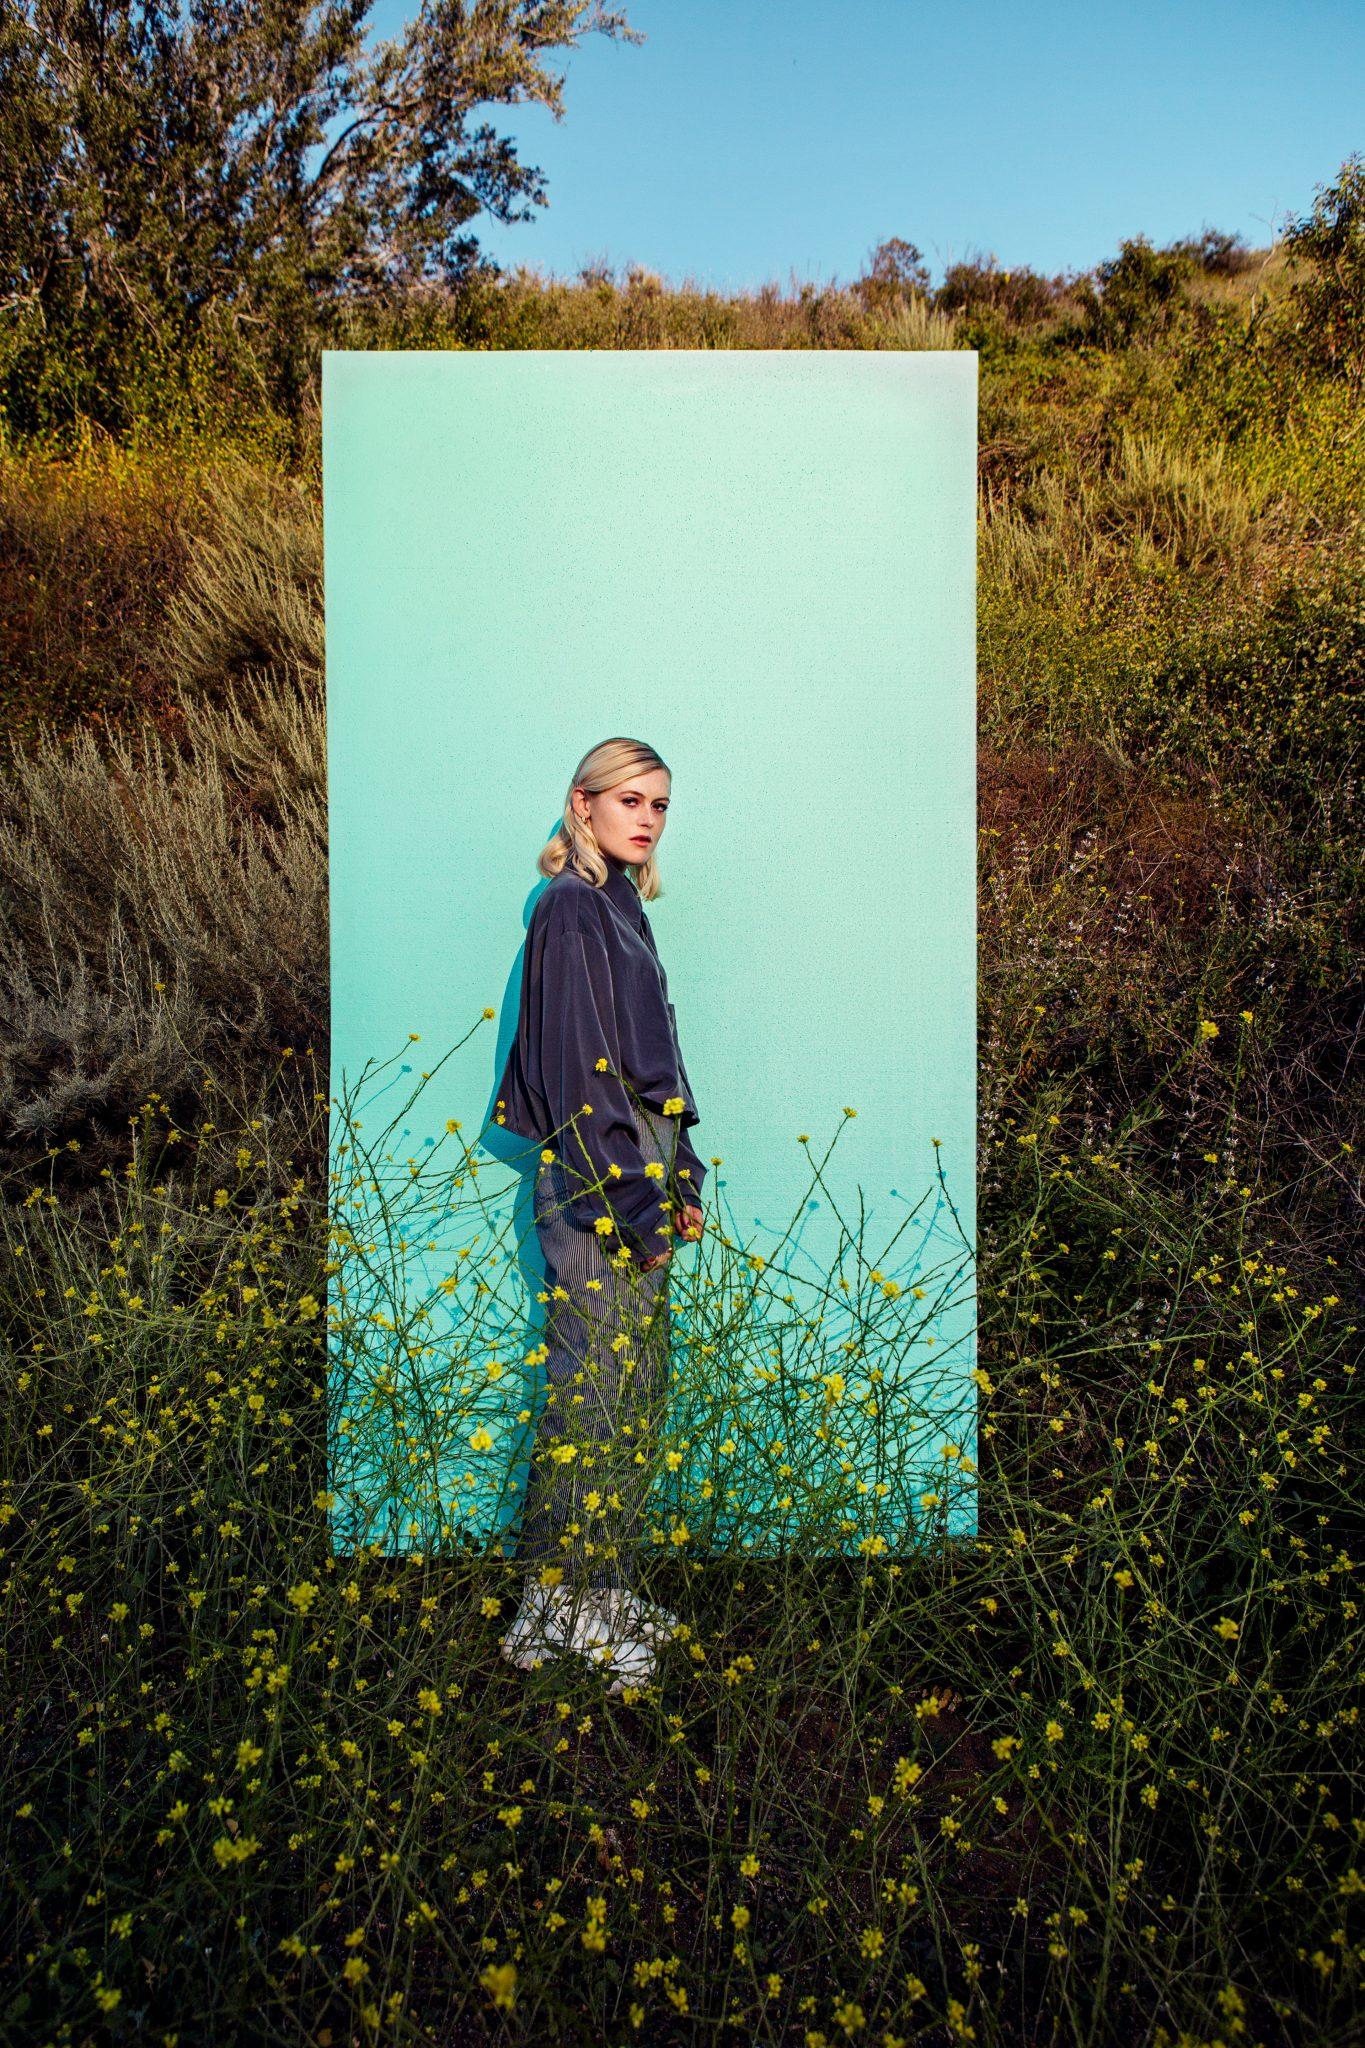 Ellen Krauss framför en mintgrön box ute i naturen.